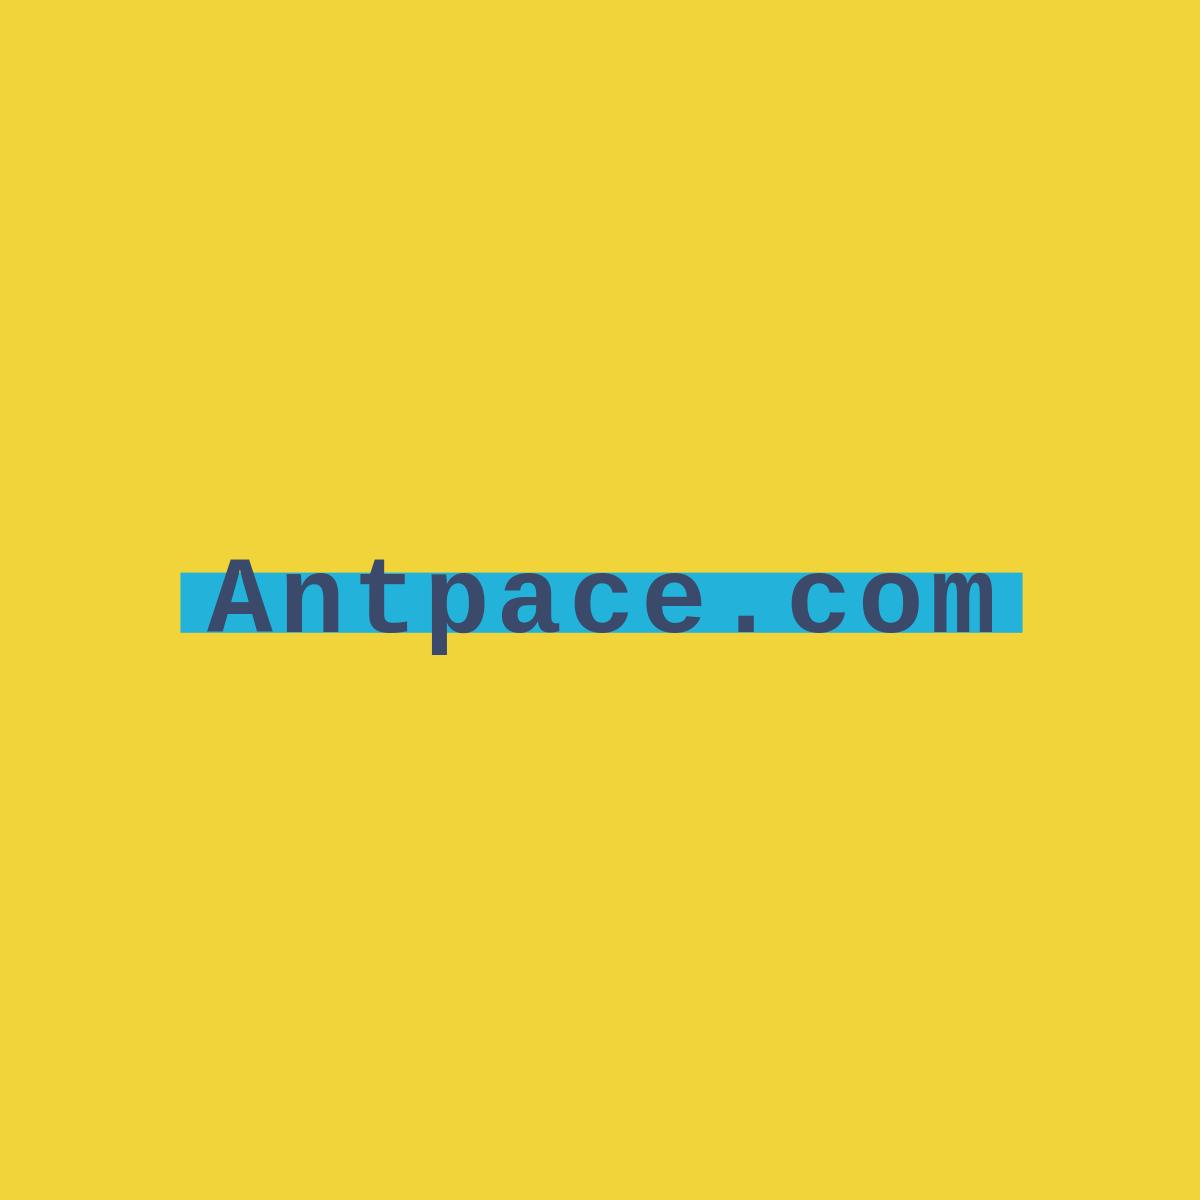 antpace.com